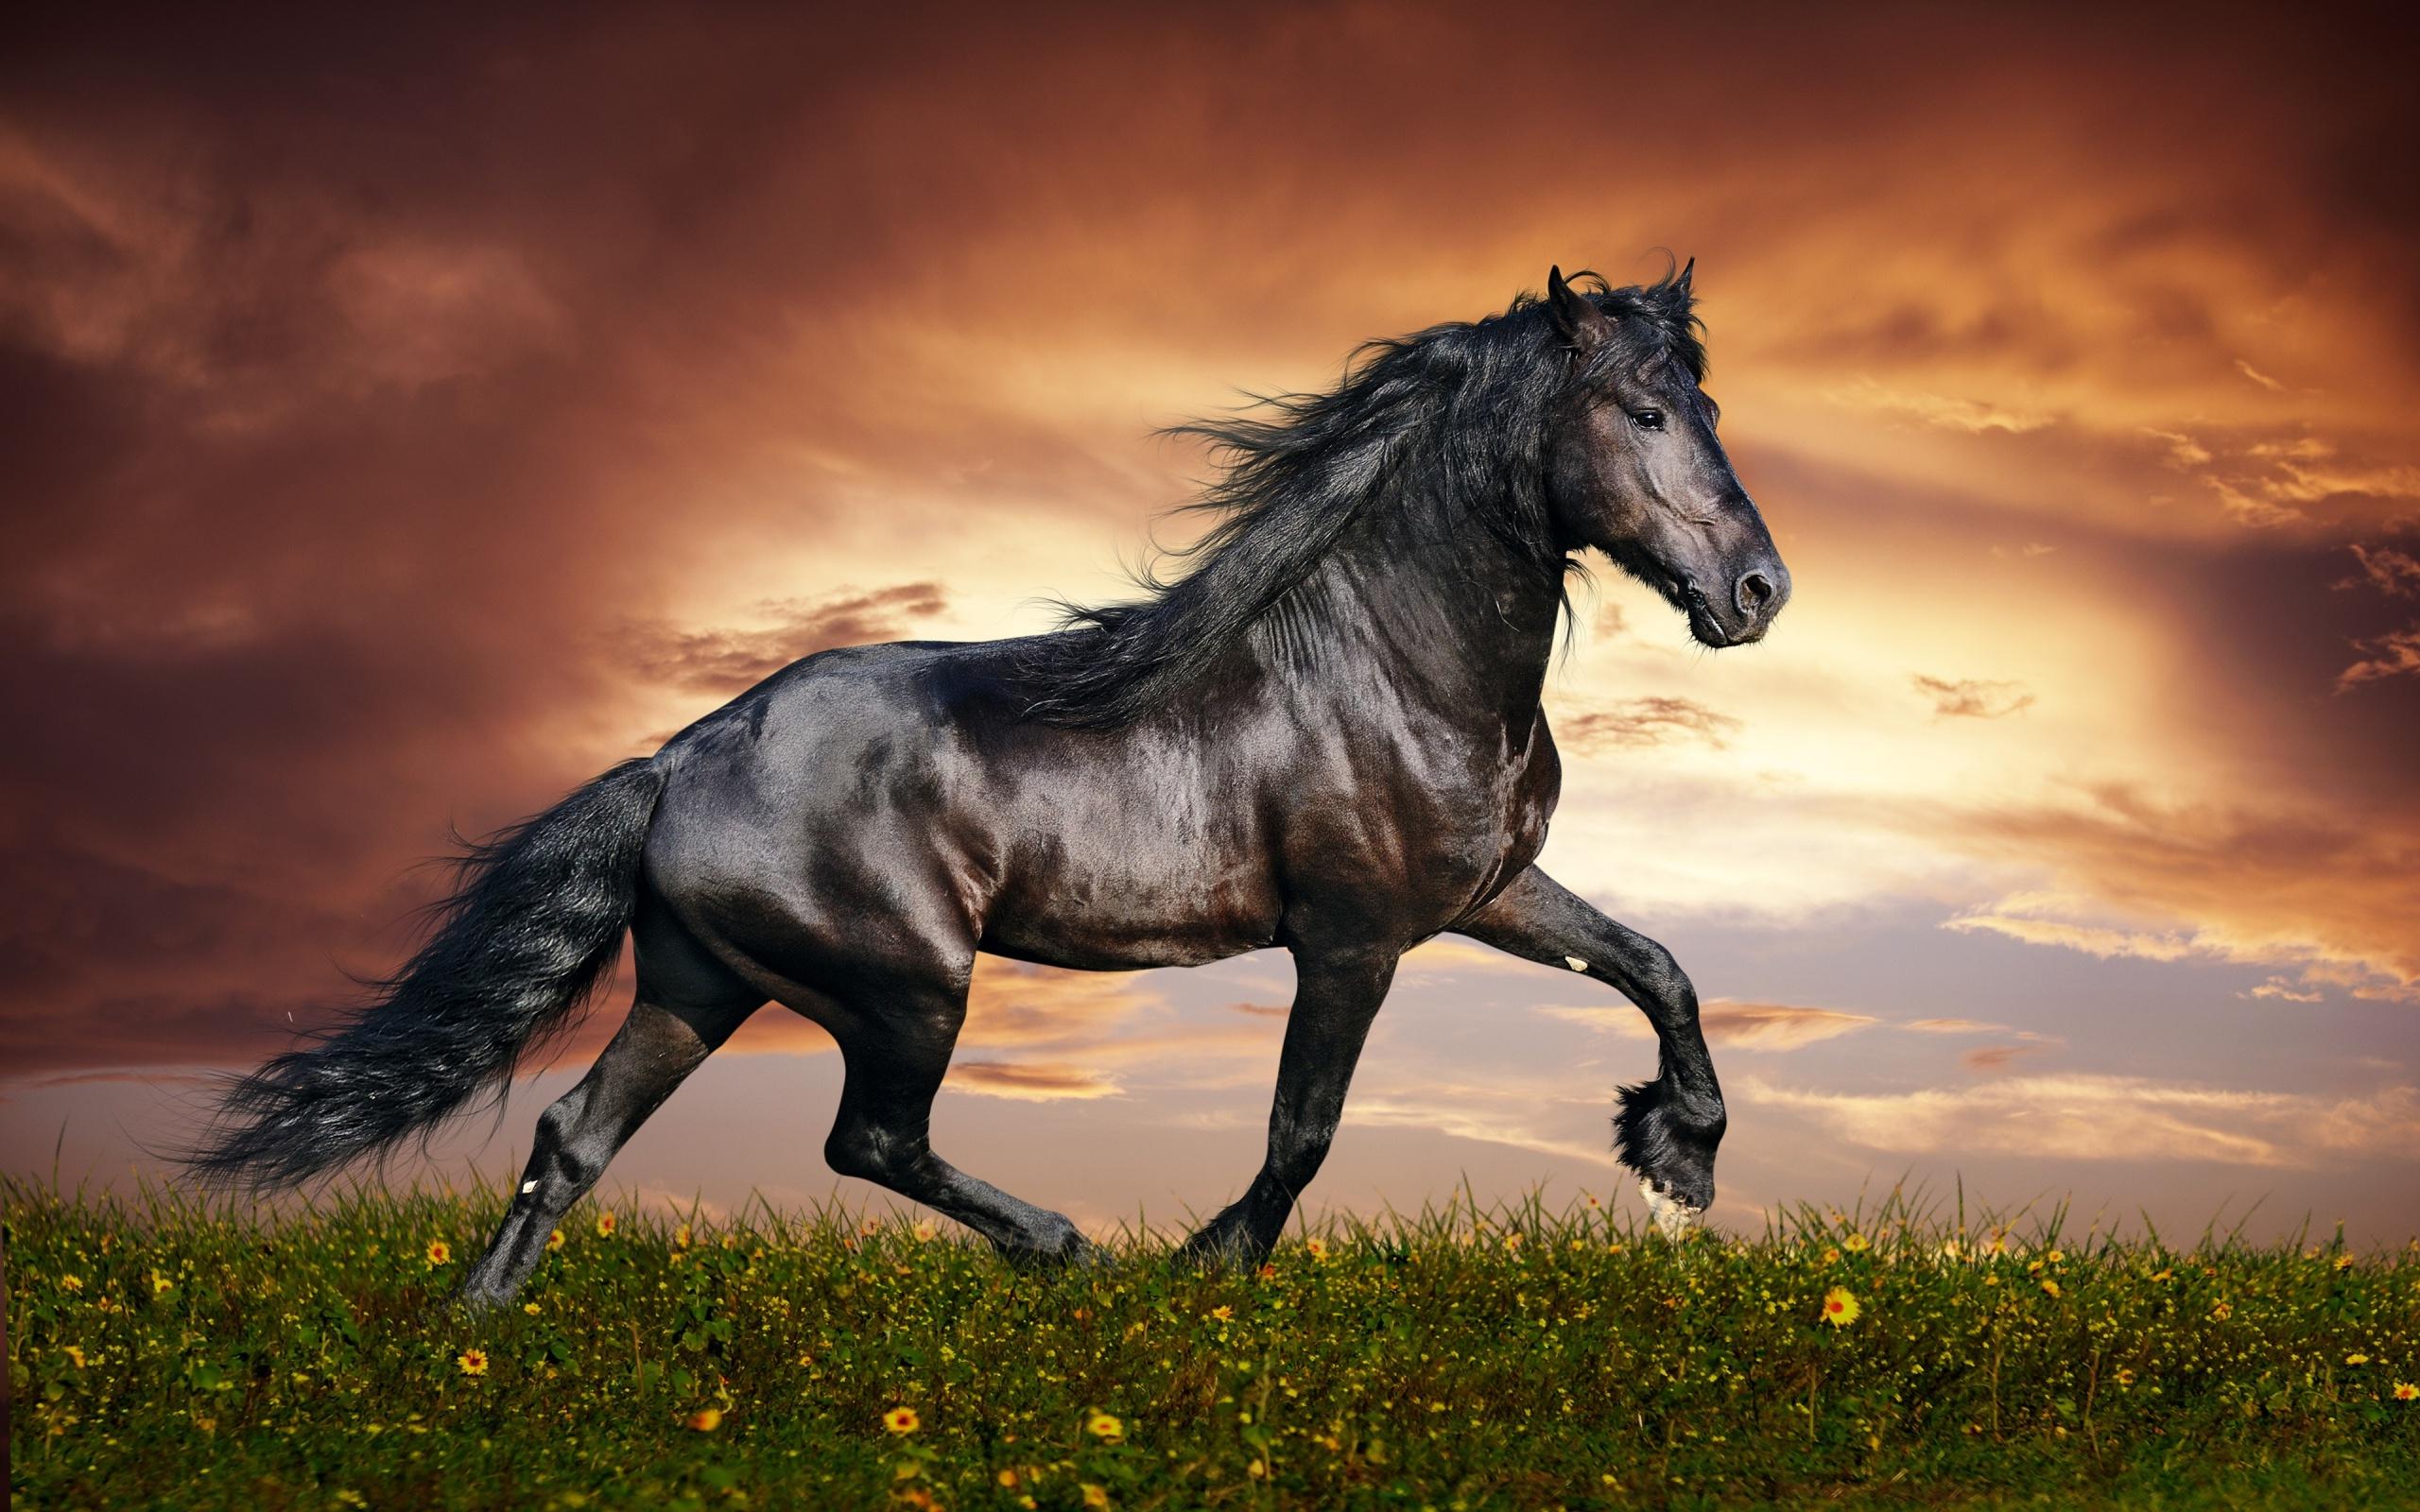 Hd wallpaper horse - Horse Wallpaper Free Downloads 10269 Wallpaper Cool Walldiskpaper